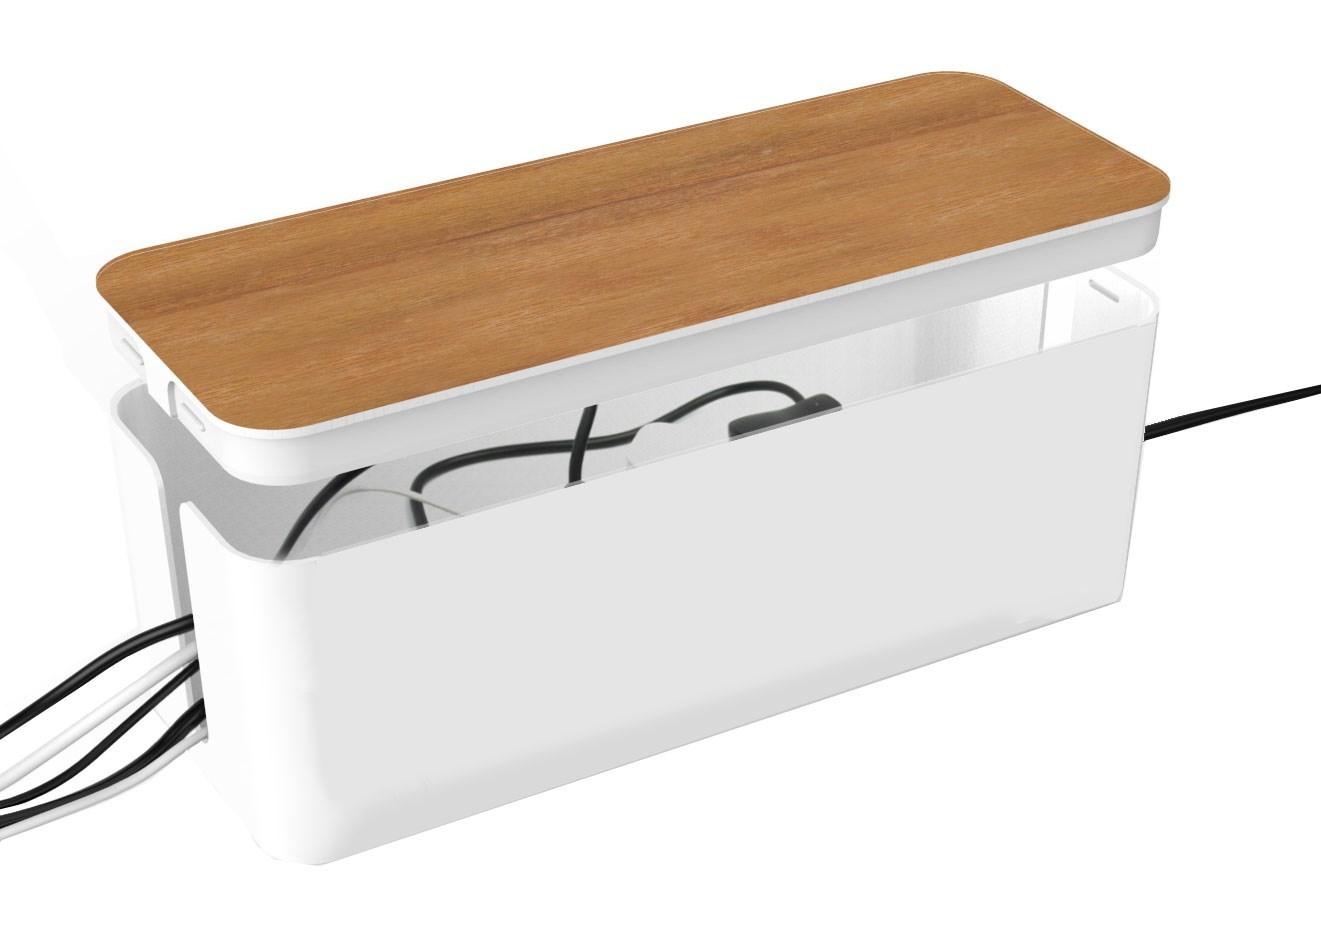 Splitter nya Andersson Cable box wood - Större kabelgömma med trälock för QK-55